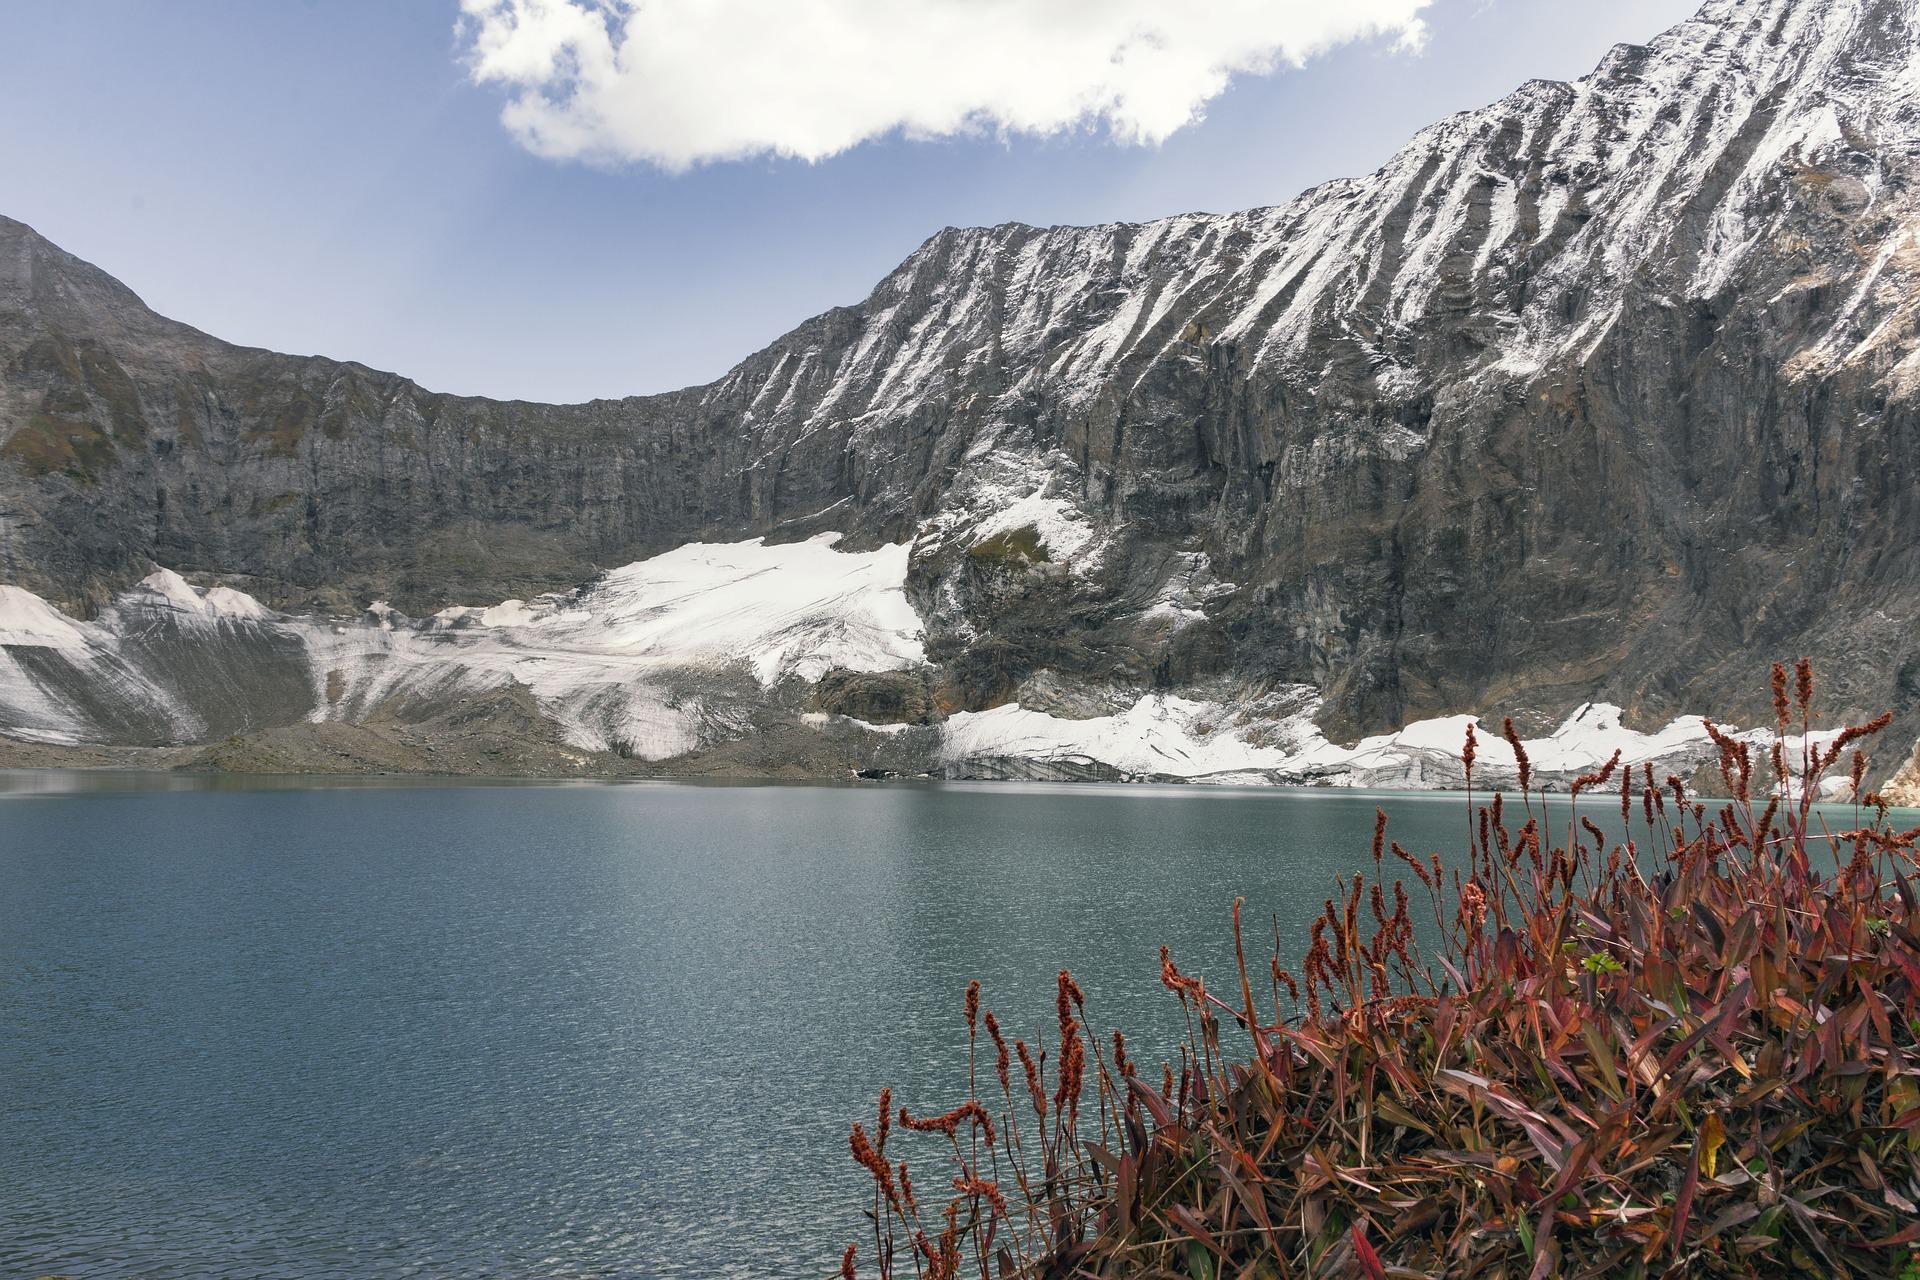 Things to explore in Pakistan - Ratti Gali Lake, Azaad Kashmir